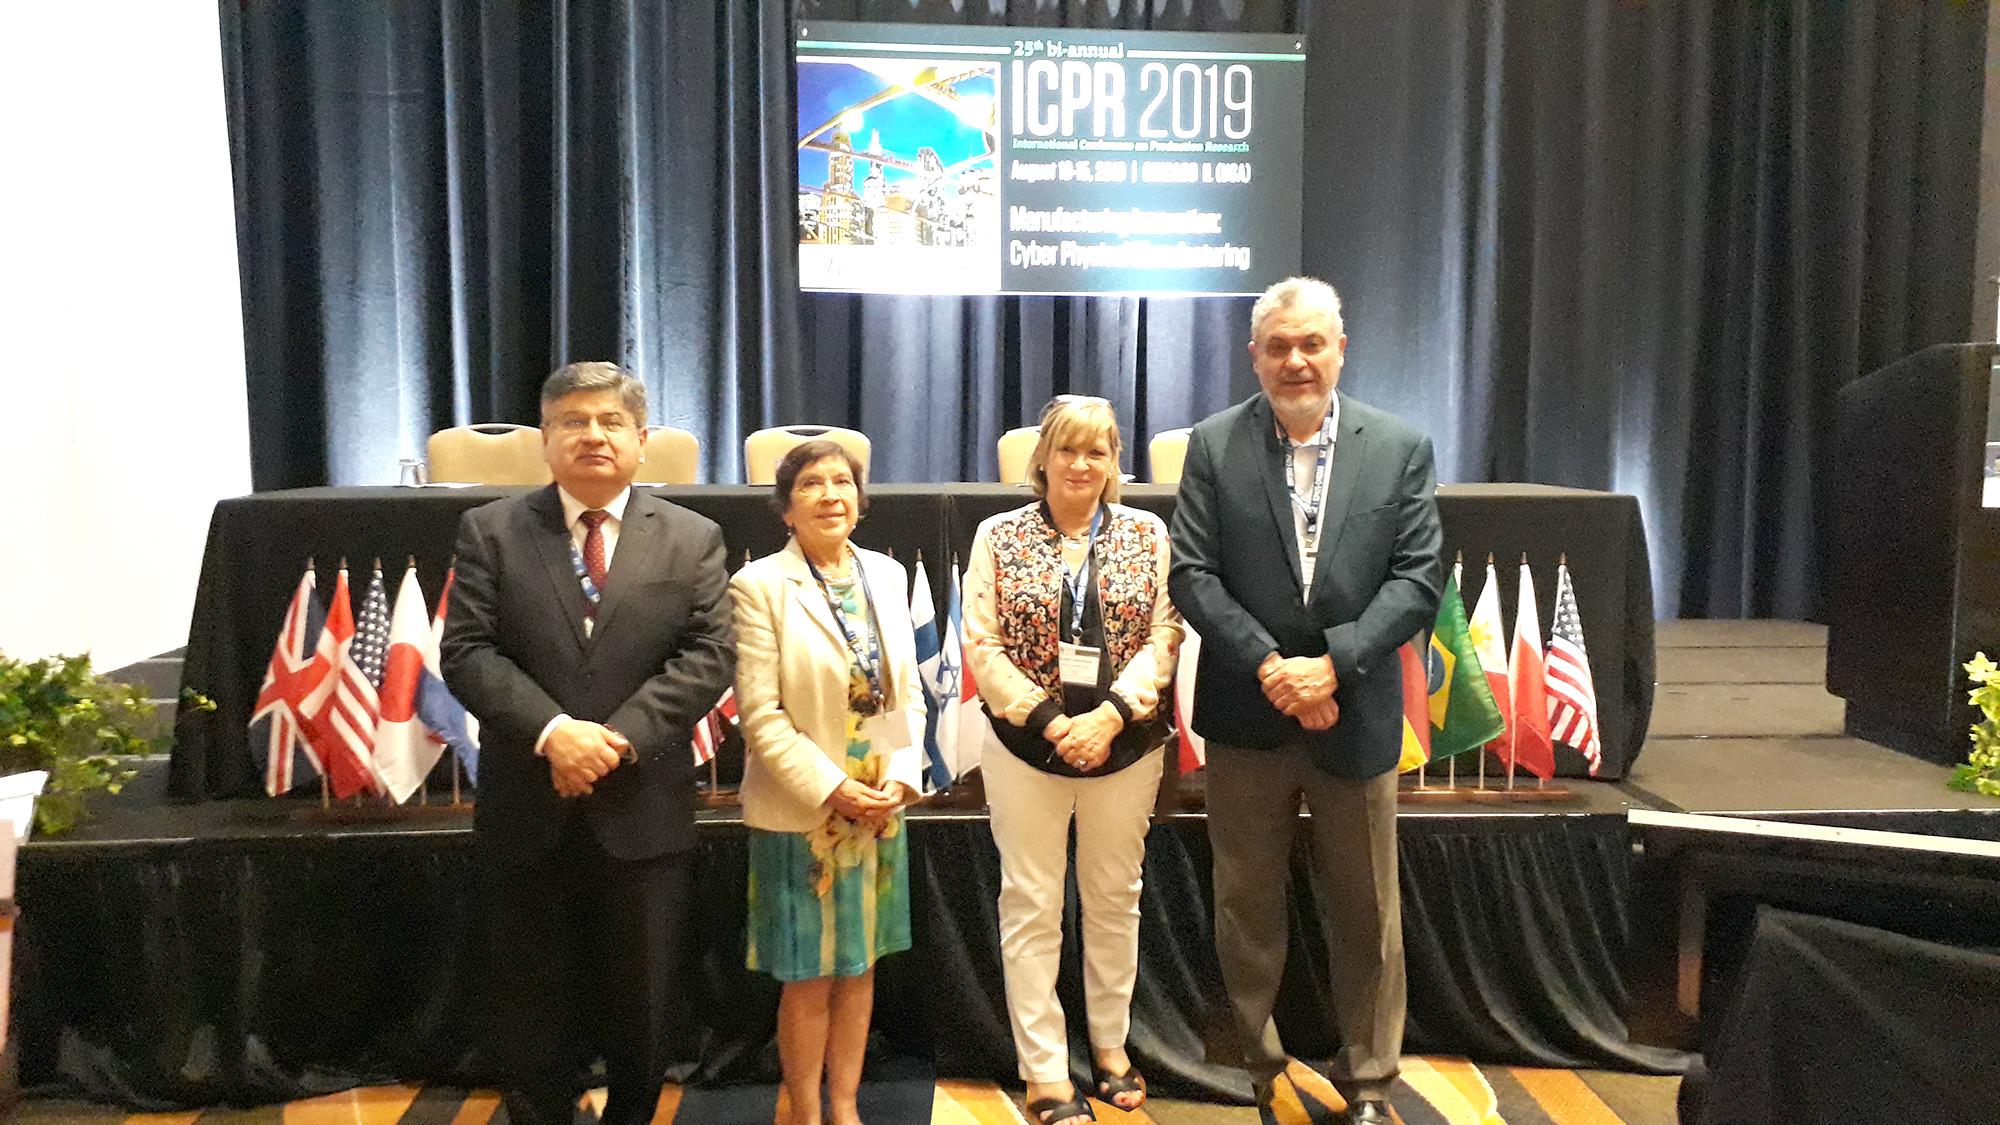 Académicos del Departamento de Ingeniería Industrial expusieron en la 25° International Conference on Production Research en Chicago